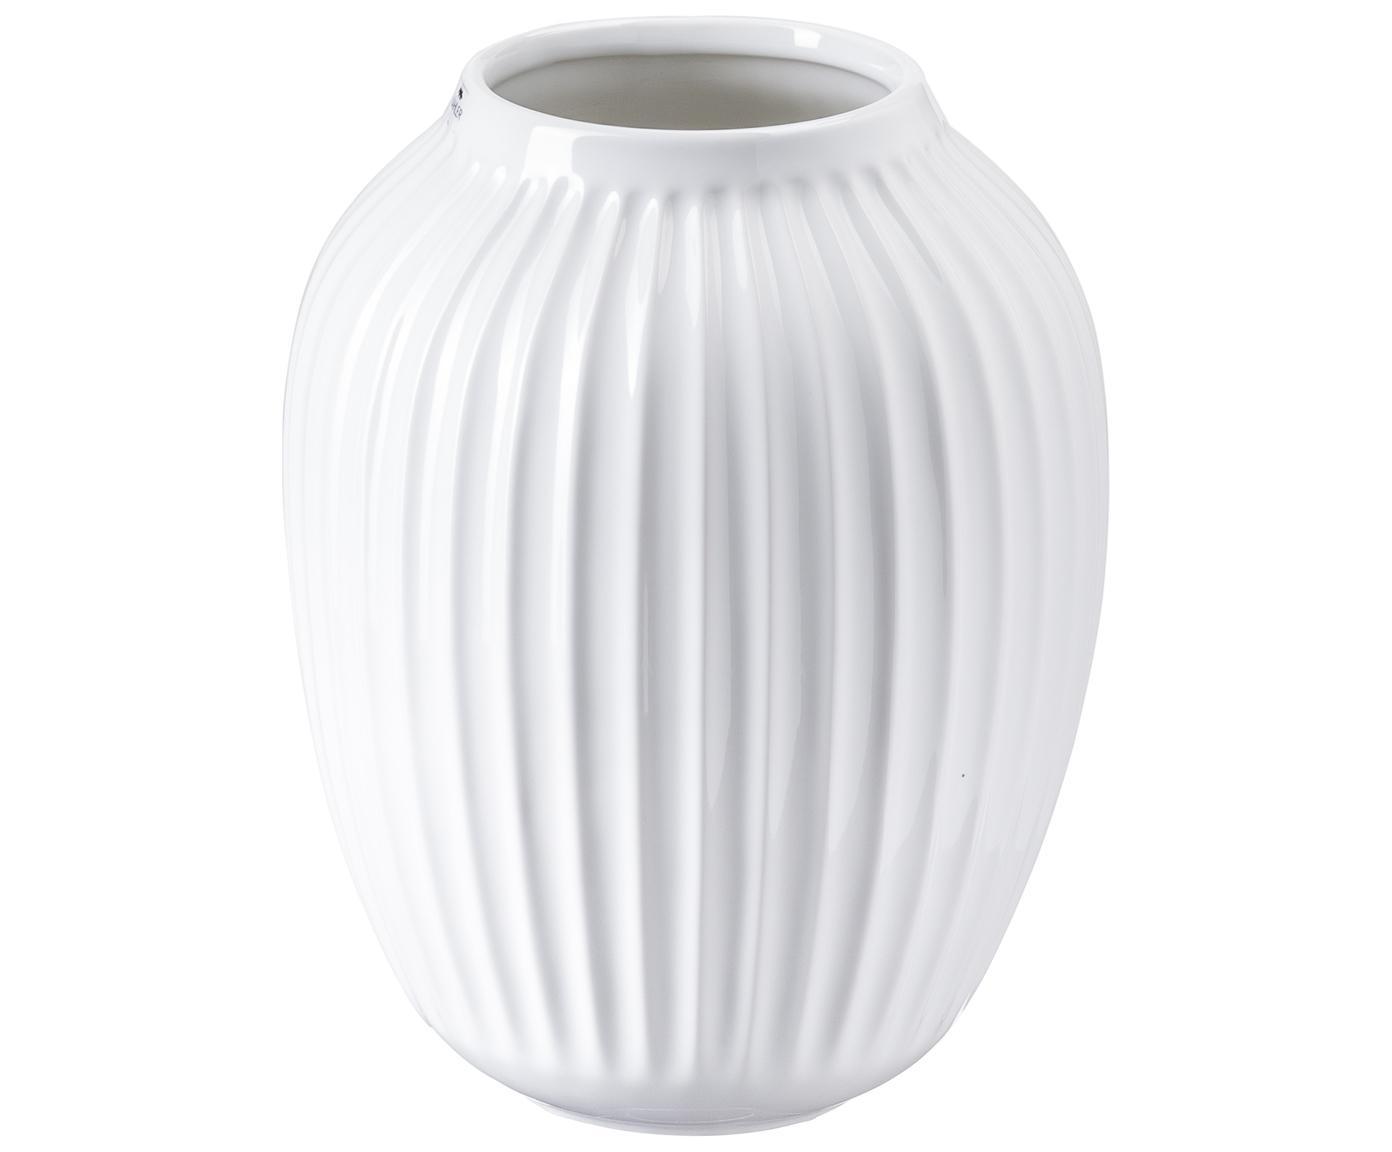 Handgefertigte Design-Vase Hammershøi, Porzellan, Weiss, Ø 20 x H 25 cm